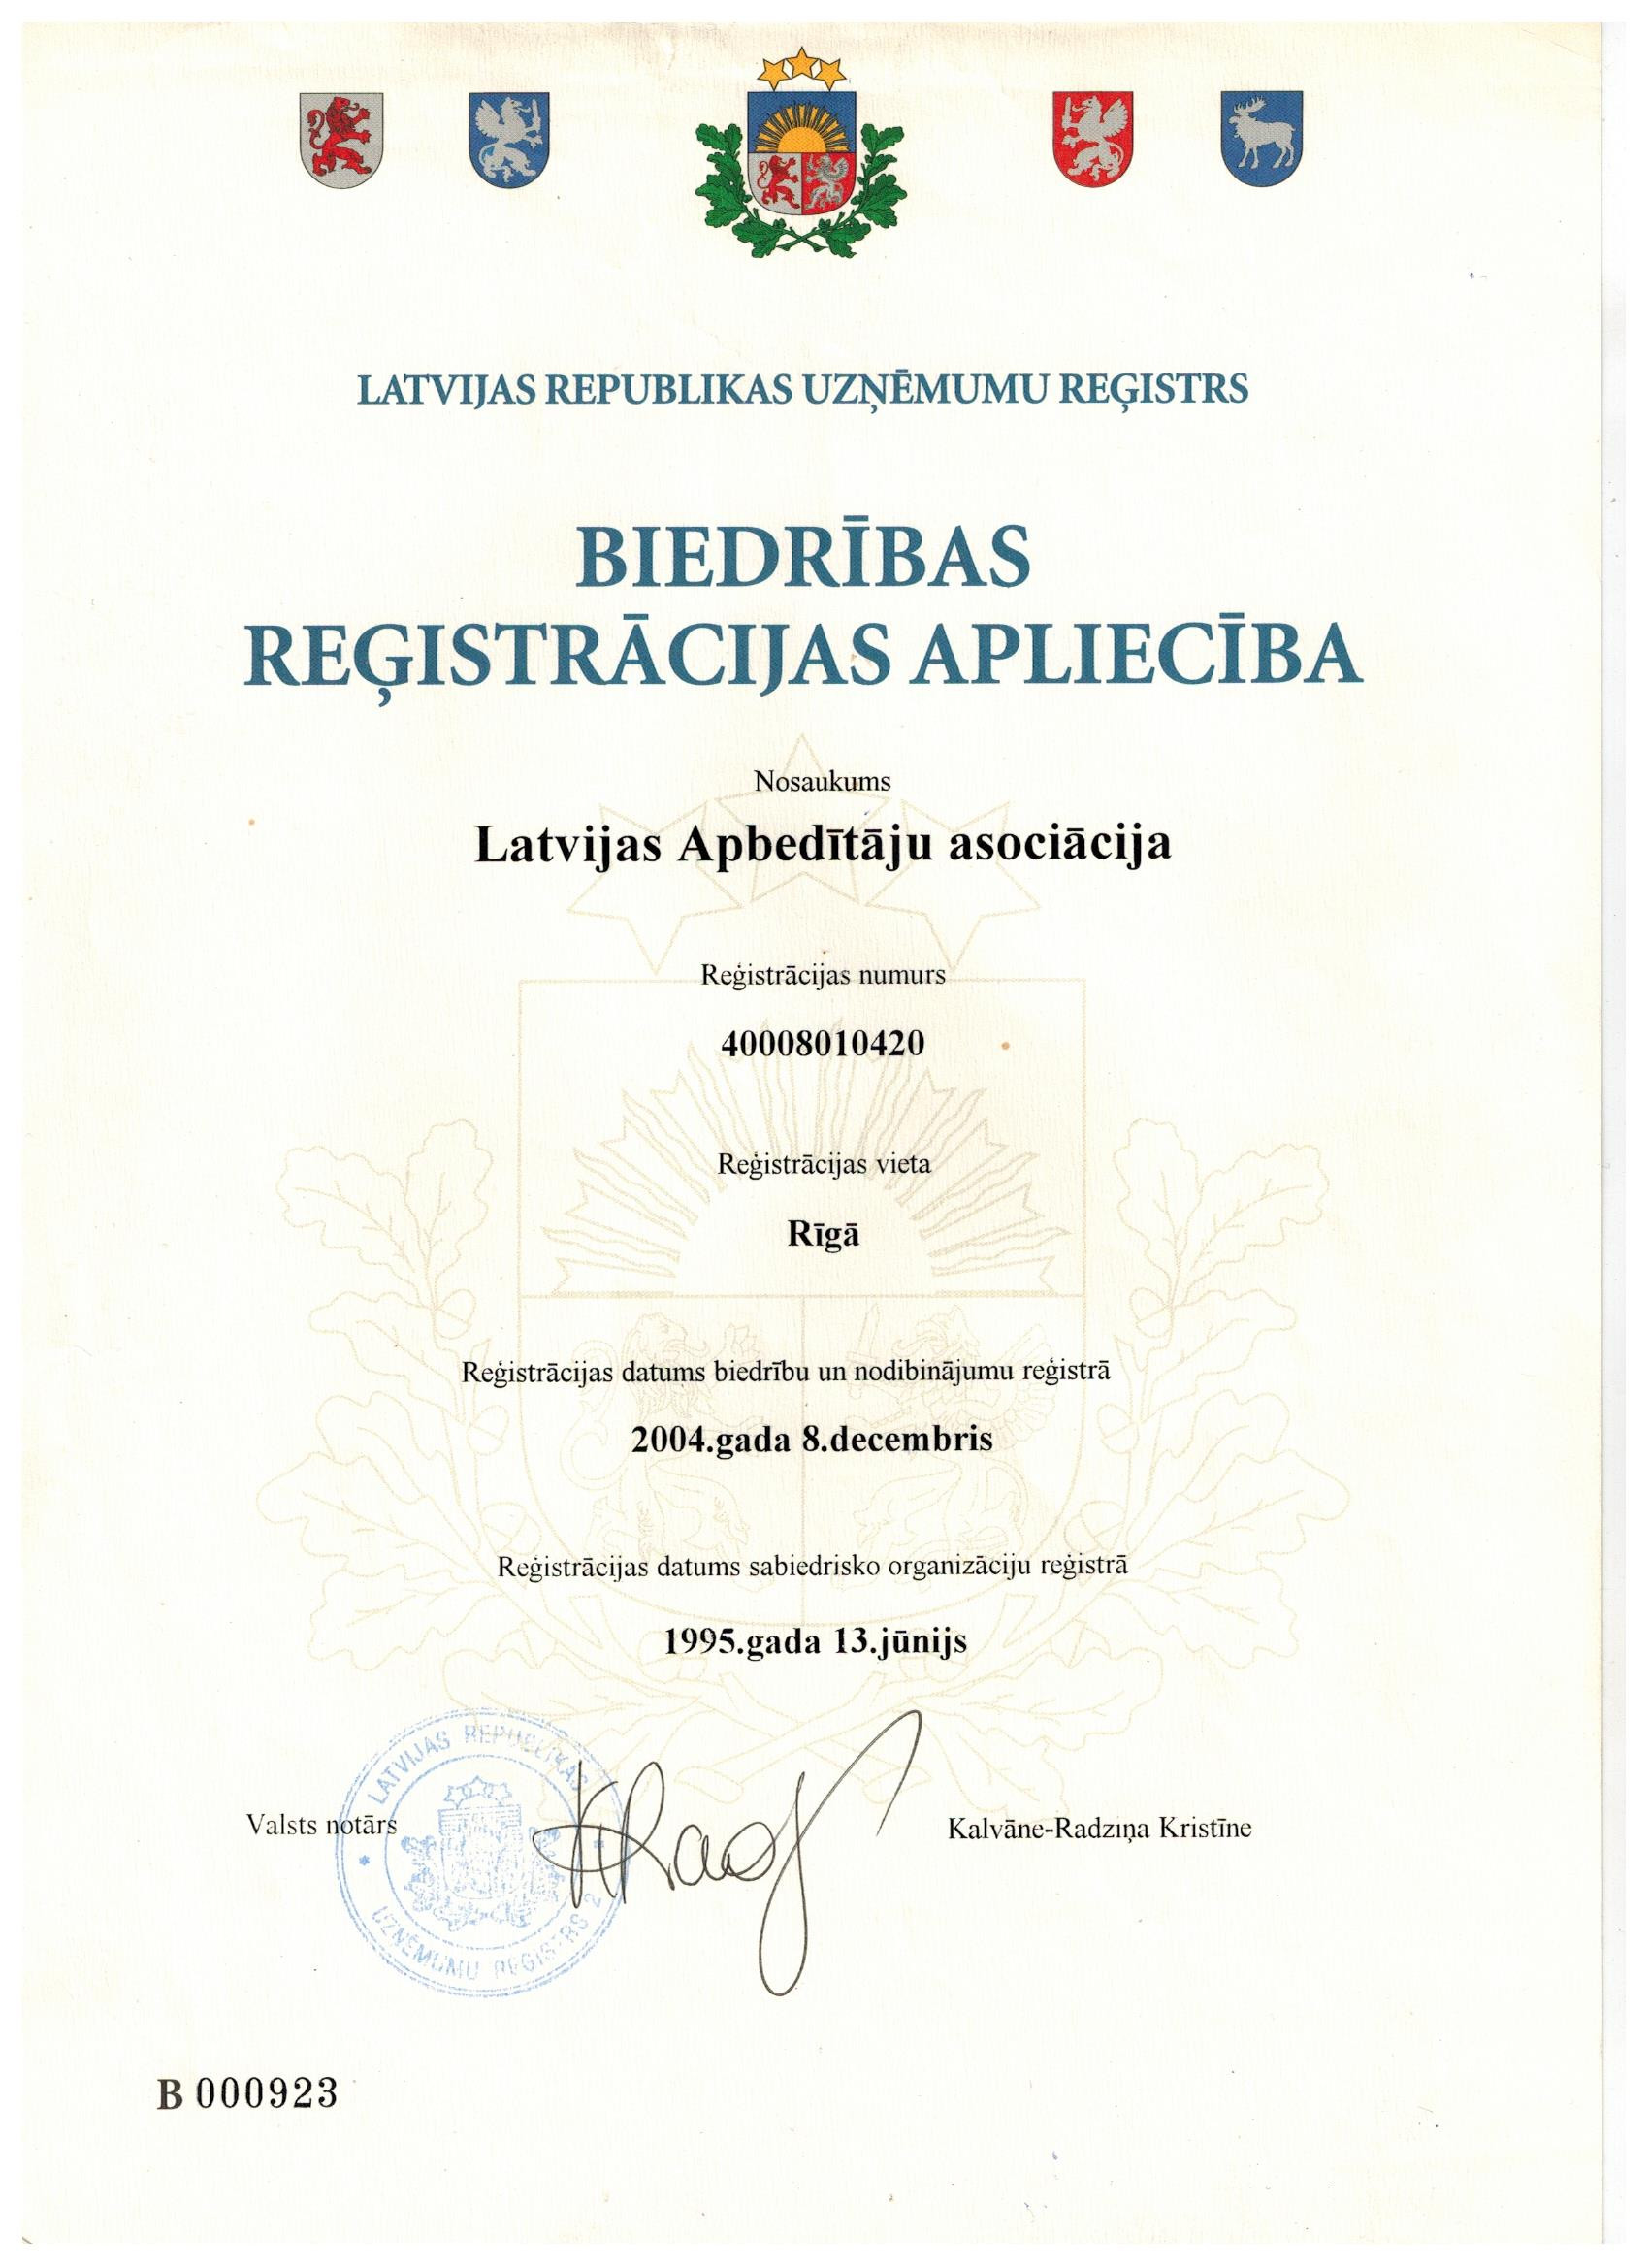 Latvijas Apbedītāju asociācija, biedrība Галерея